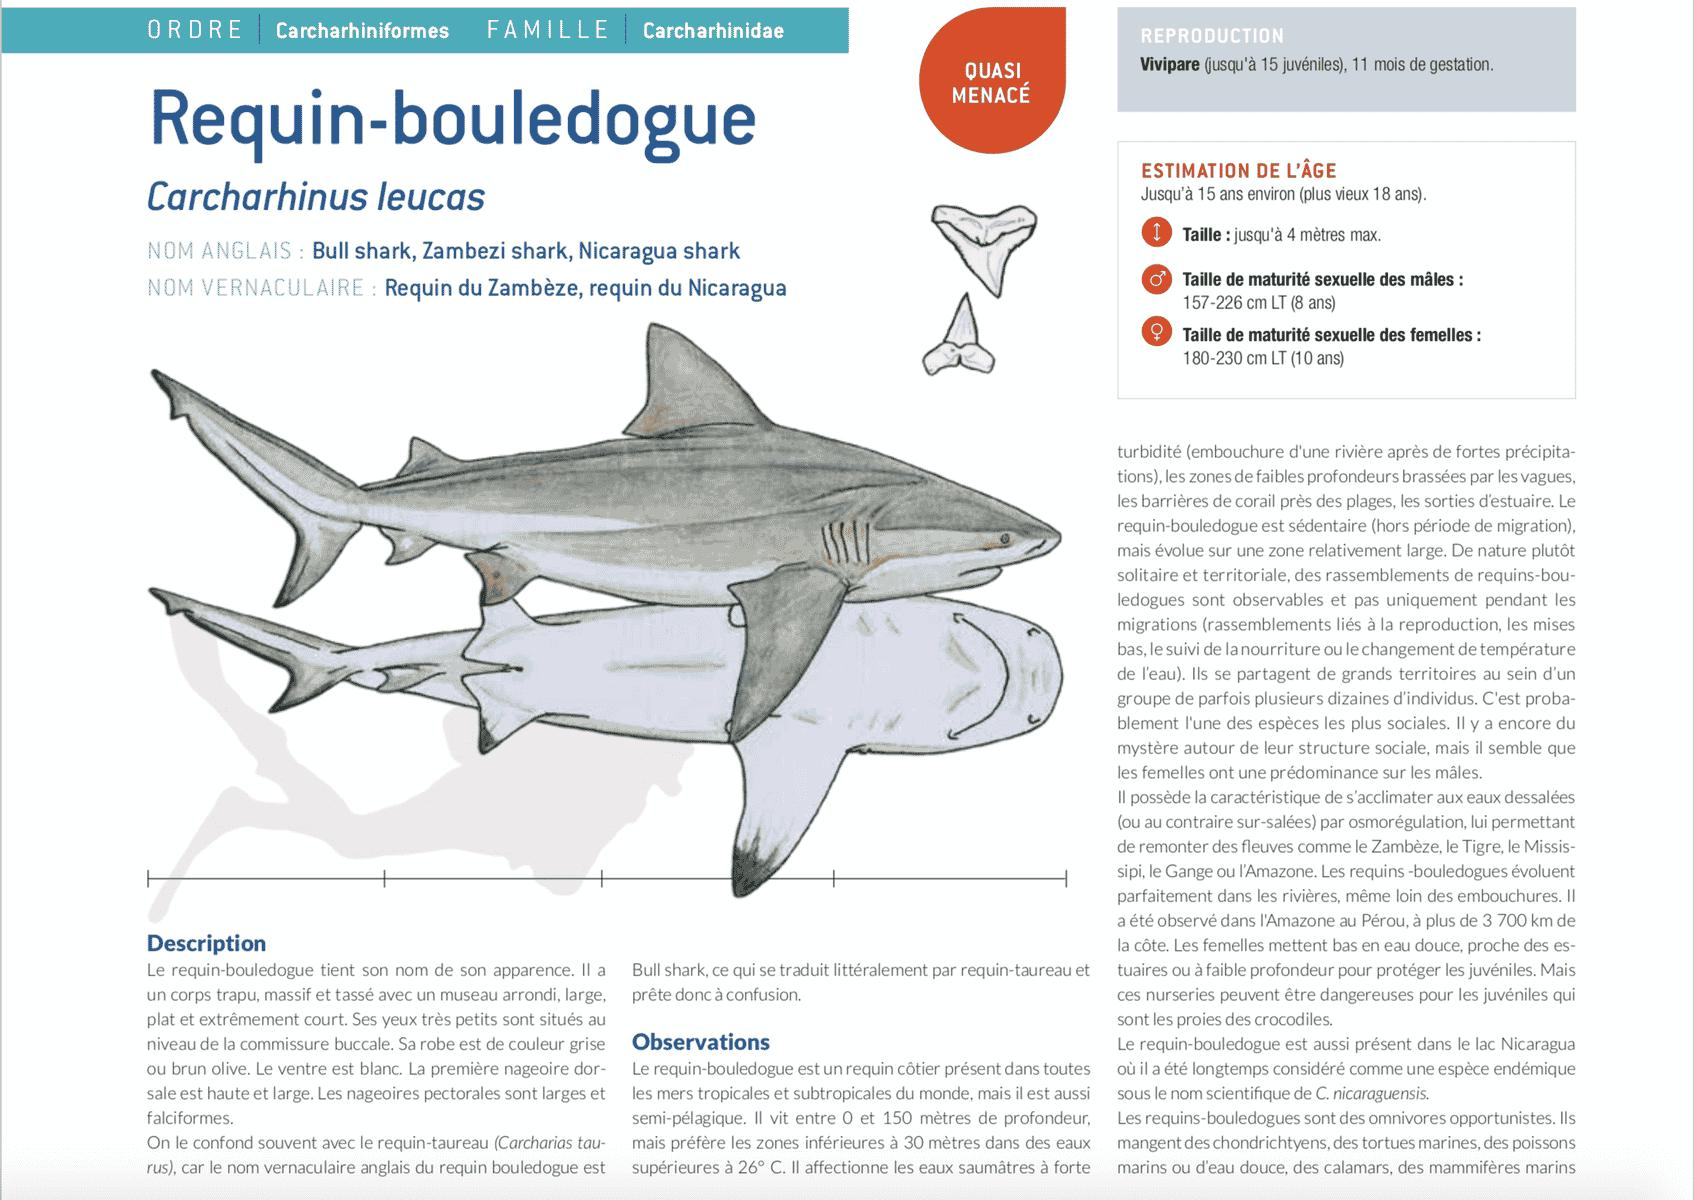 fiche requin bouledogue carcharhinus leucas